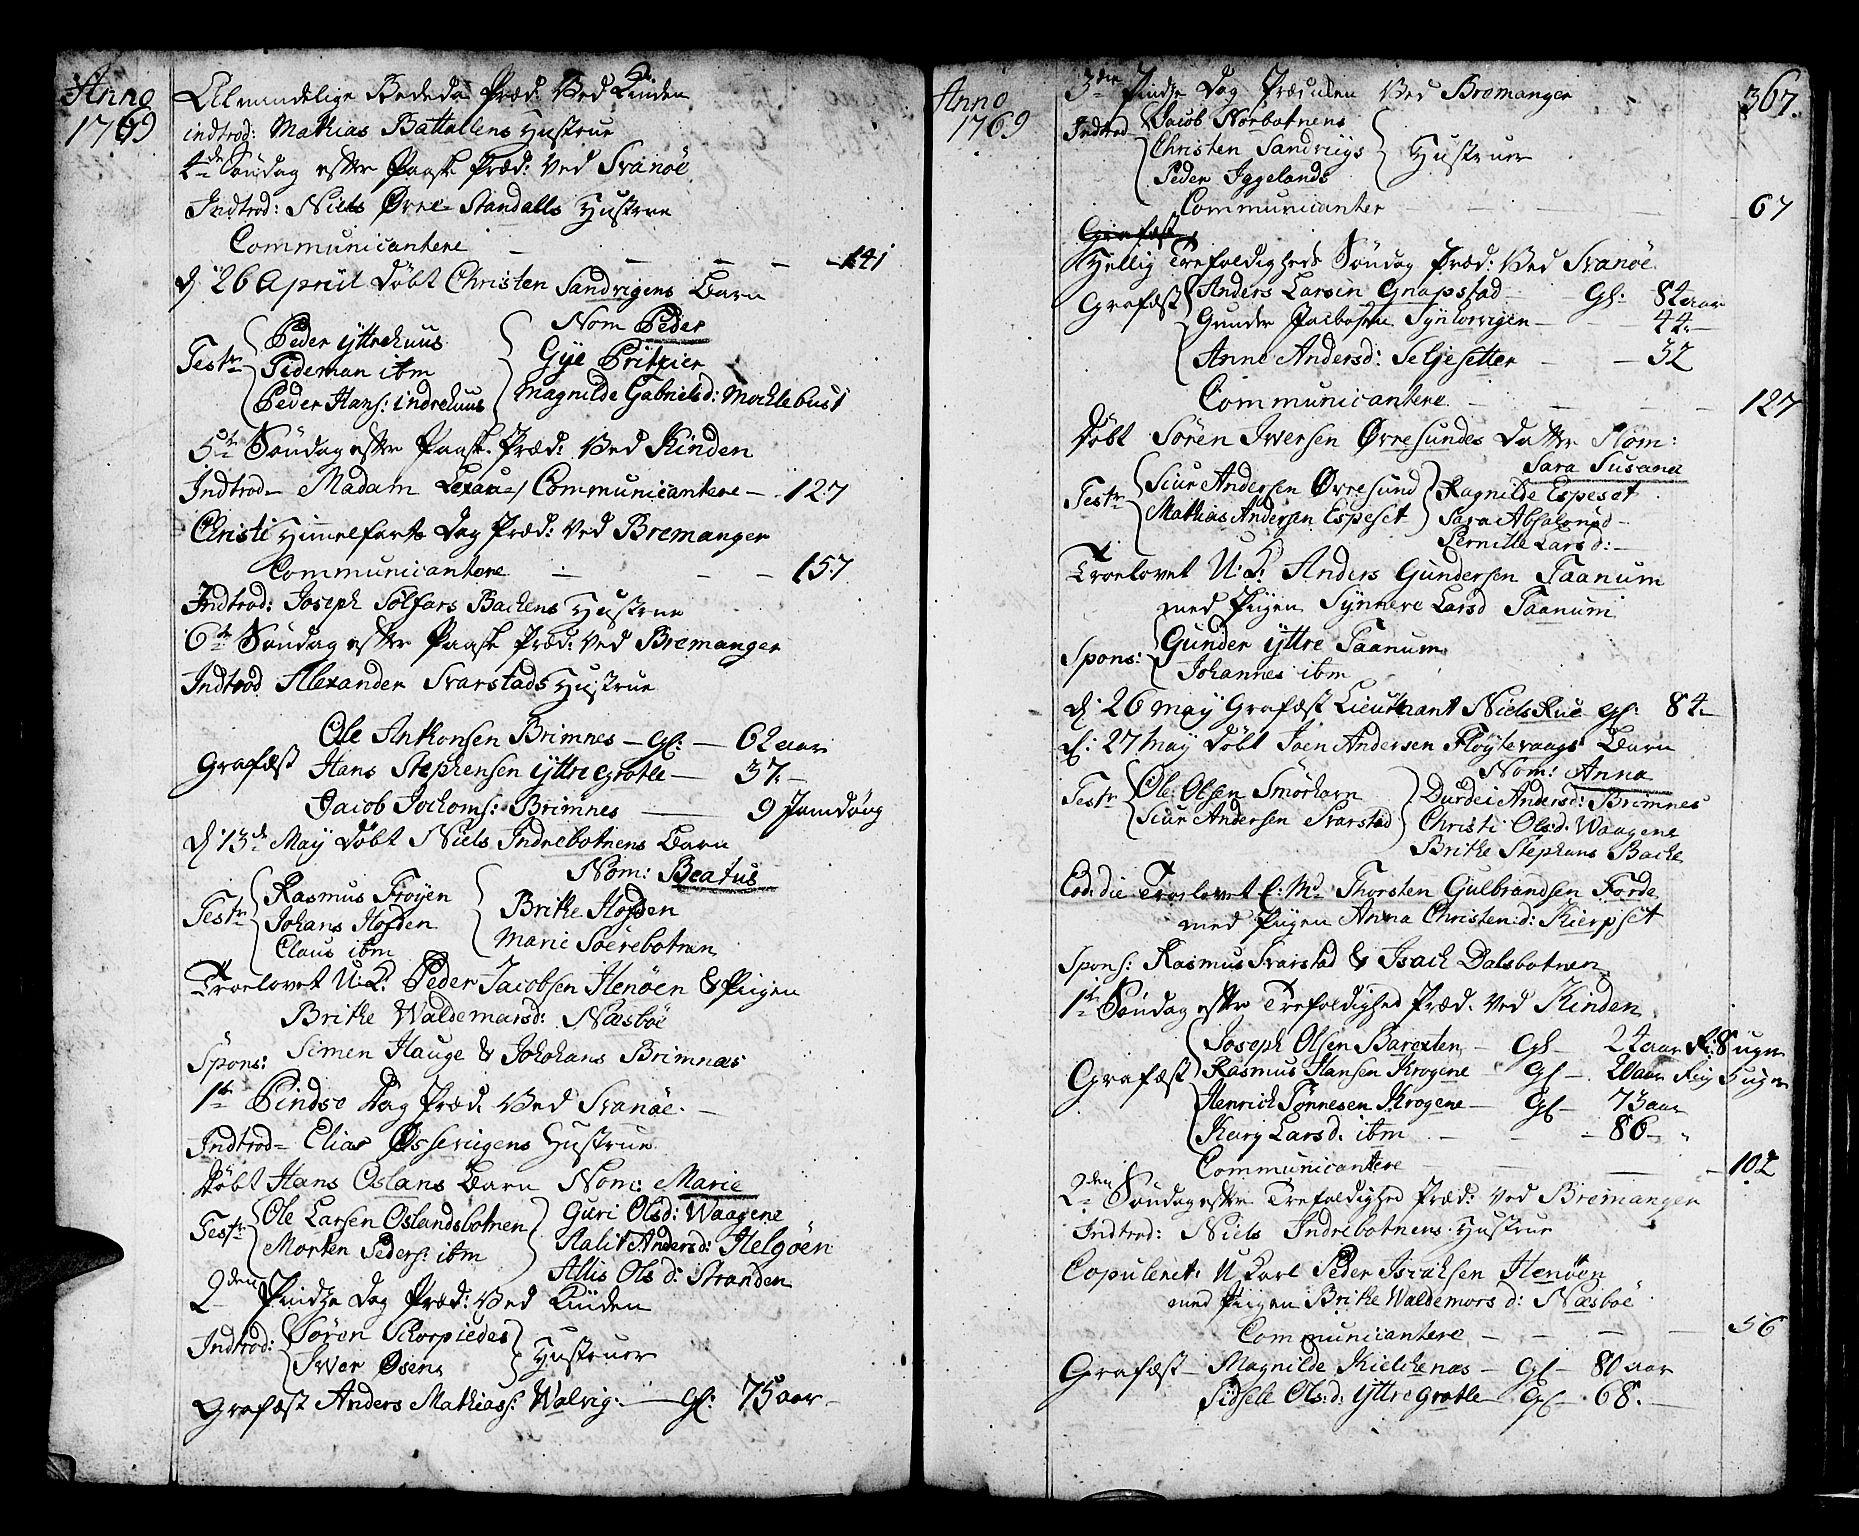 SAB, Kinn Sokneprestembete, Ministerialbok nr. A 2, 1729-1785, s. 367